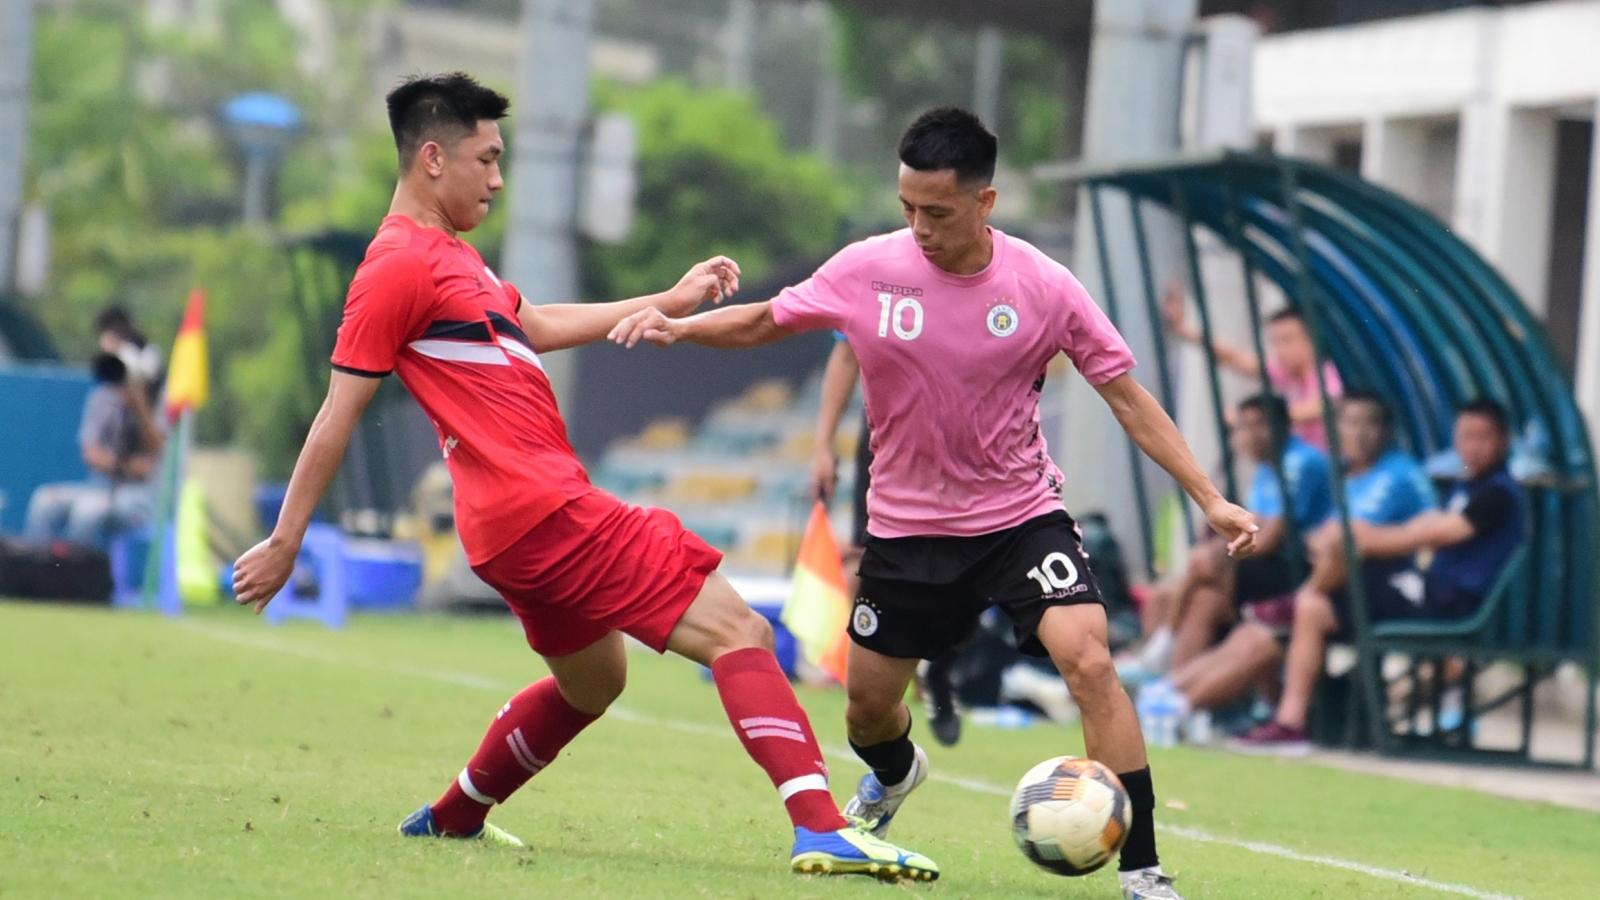 Văn Quyết tỏa sáng trong trận đấu dang dở của Hà Nội FC và Viettel